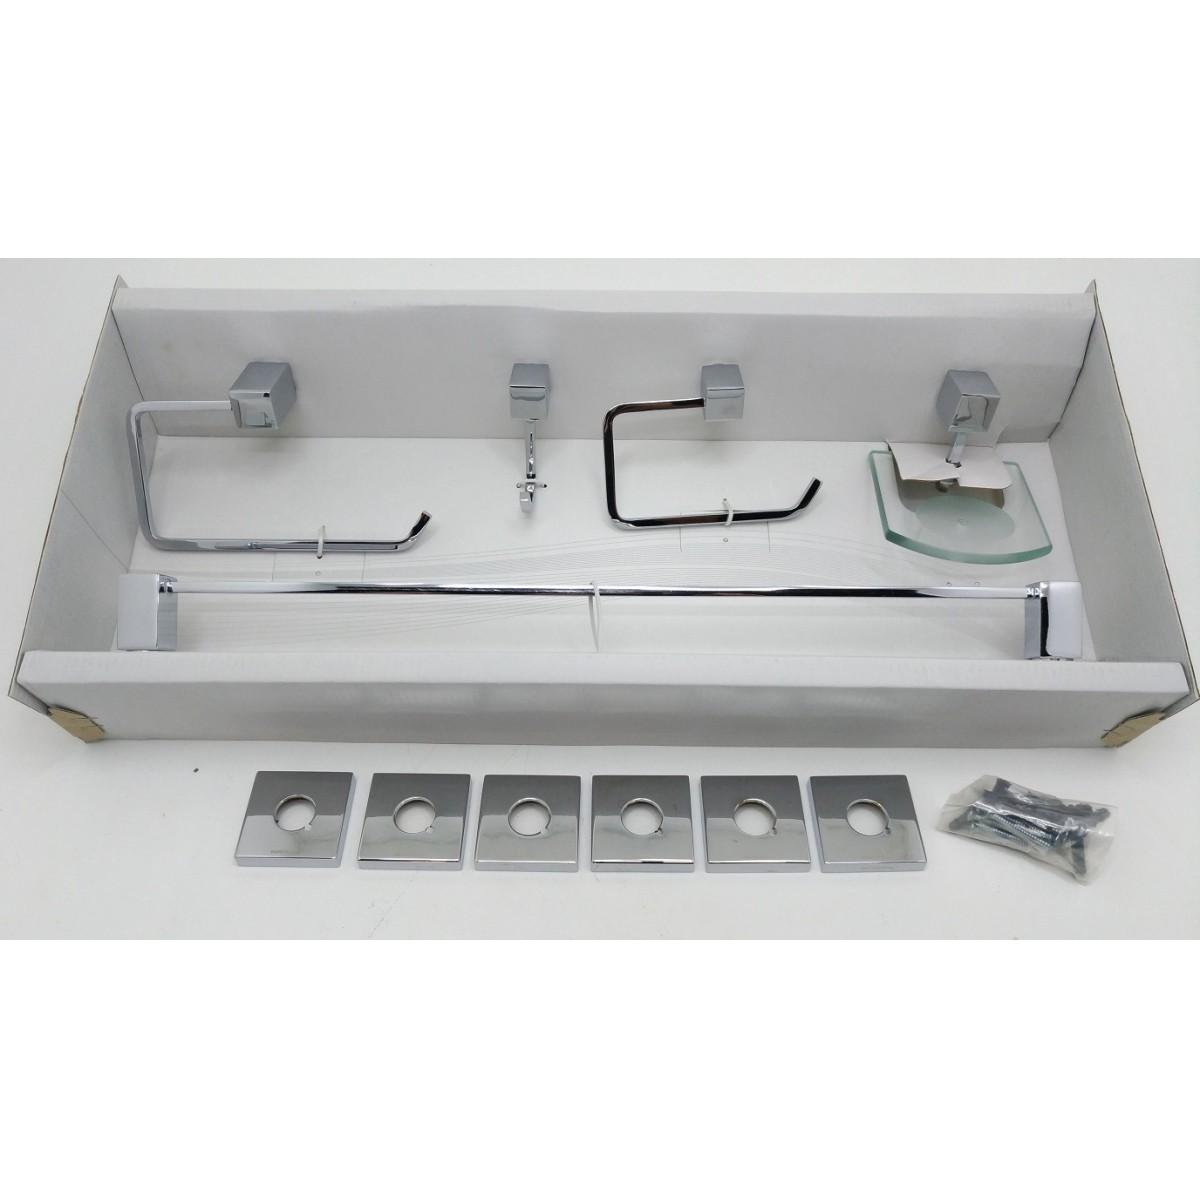 Kit Acessórios para Banheiro Quadra com 5 peças em Latão Cromado